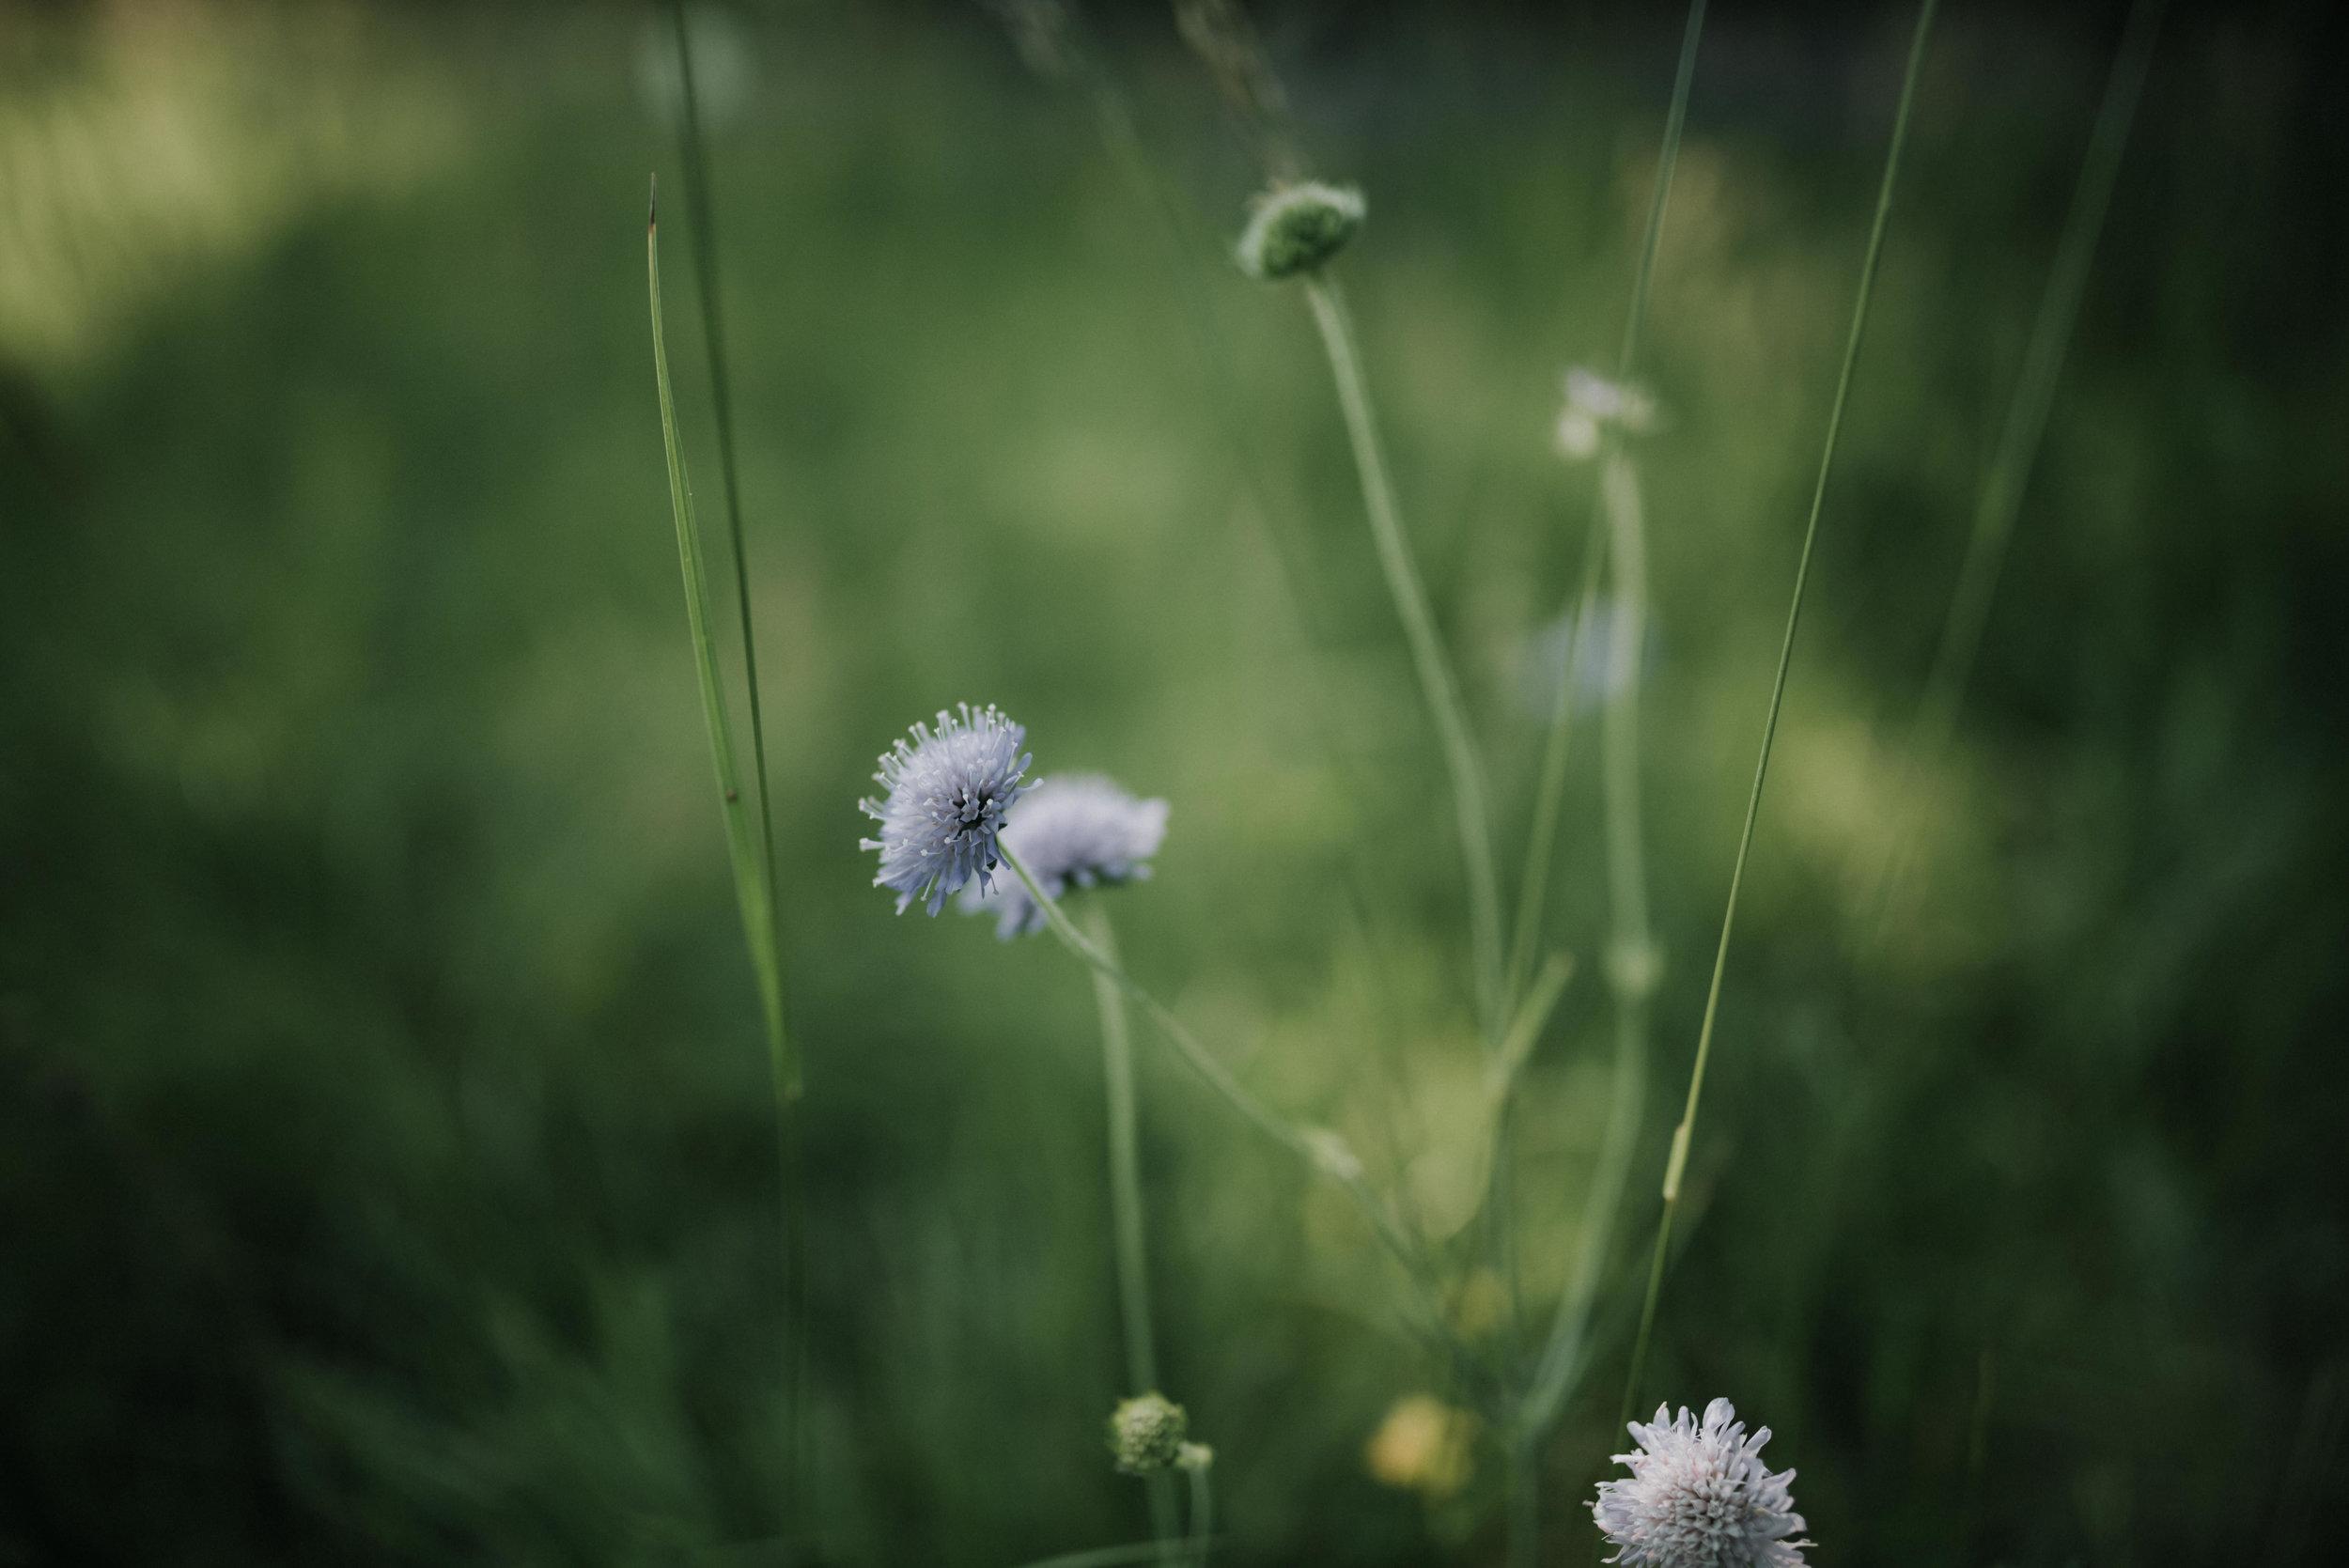 Léa-Fery-photographe-professionnel-lyon-rhone-alpes-portrait-creation-mariage-evenement-evenementiel-famille-0339.jpg